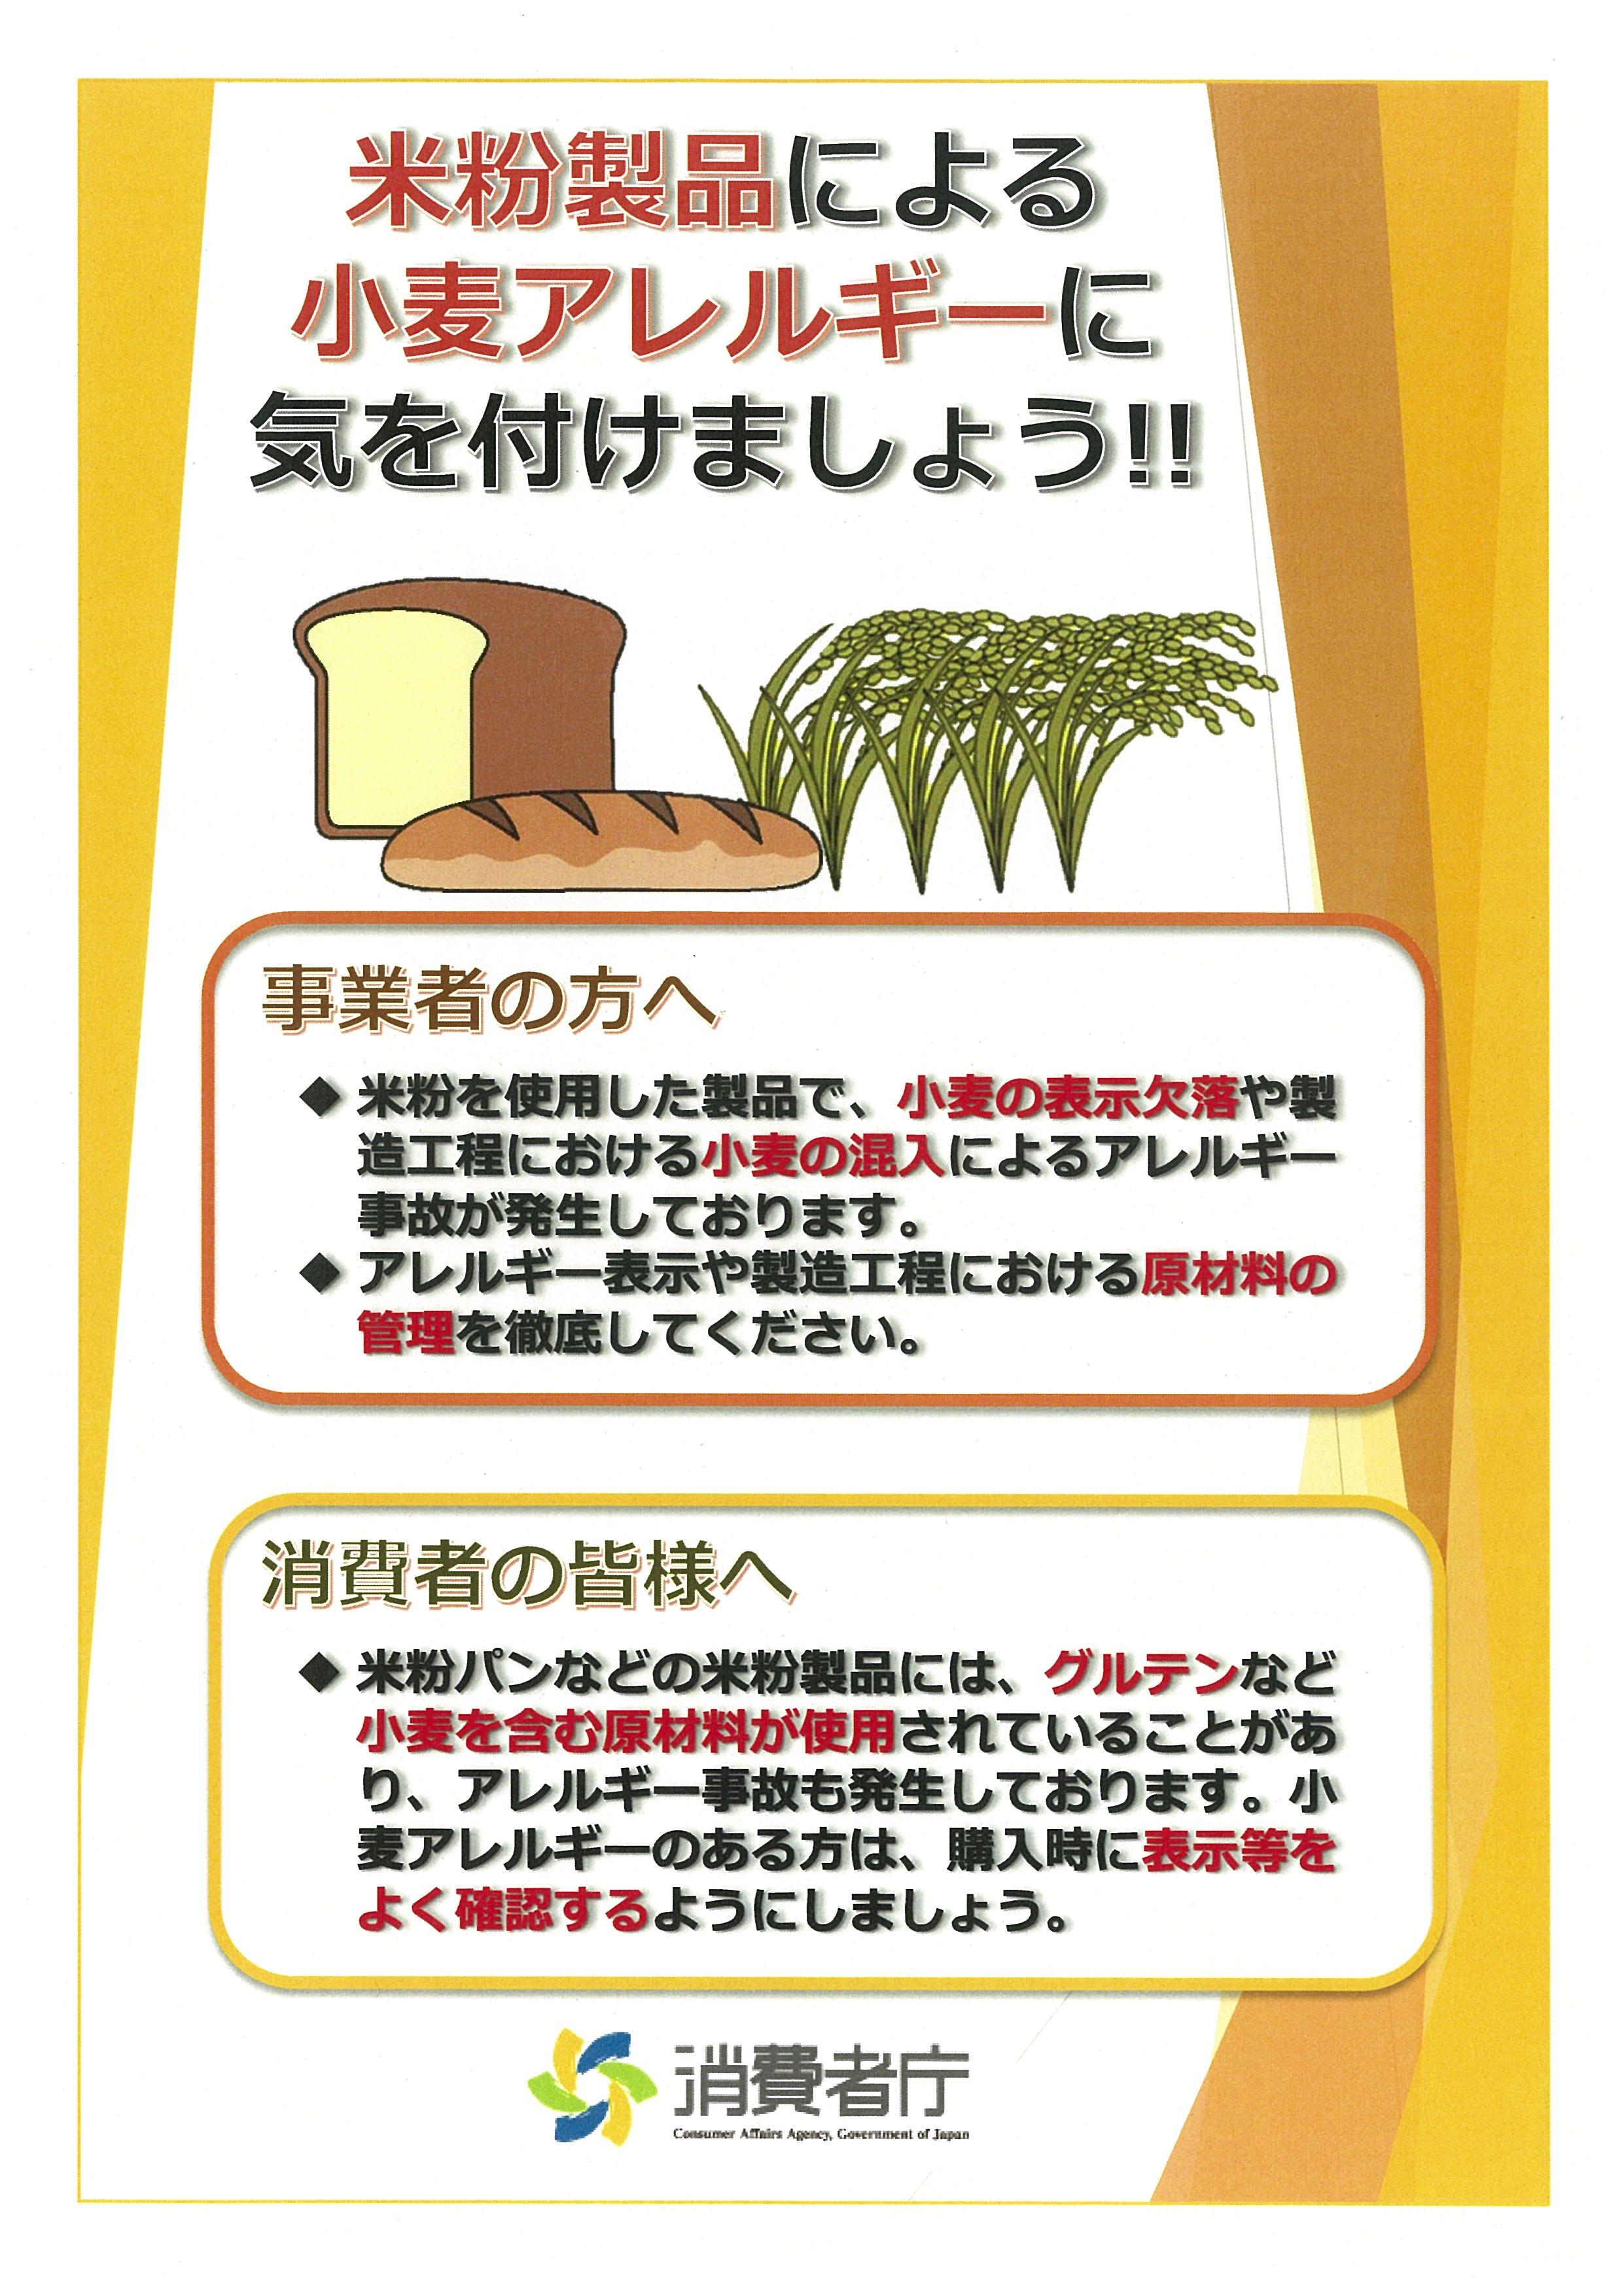 米粉製品による小麦アレルギーに気を付けましょう!(注意喚起):画像